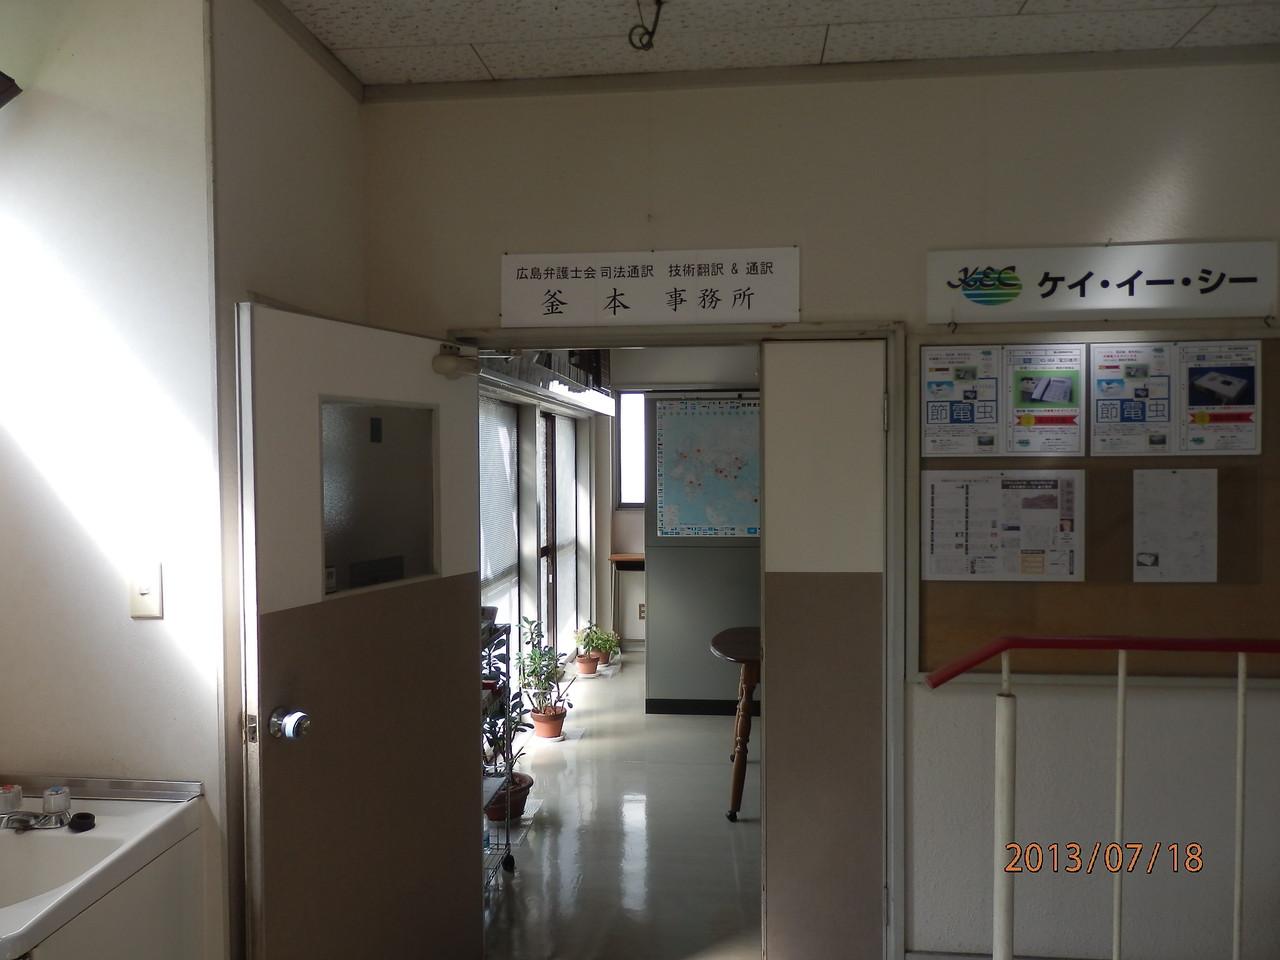 KECビル2階、202号室(10坪)入口(開、釜本事務所として使用中)